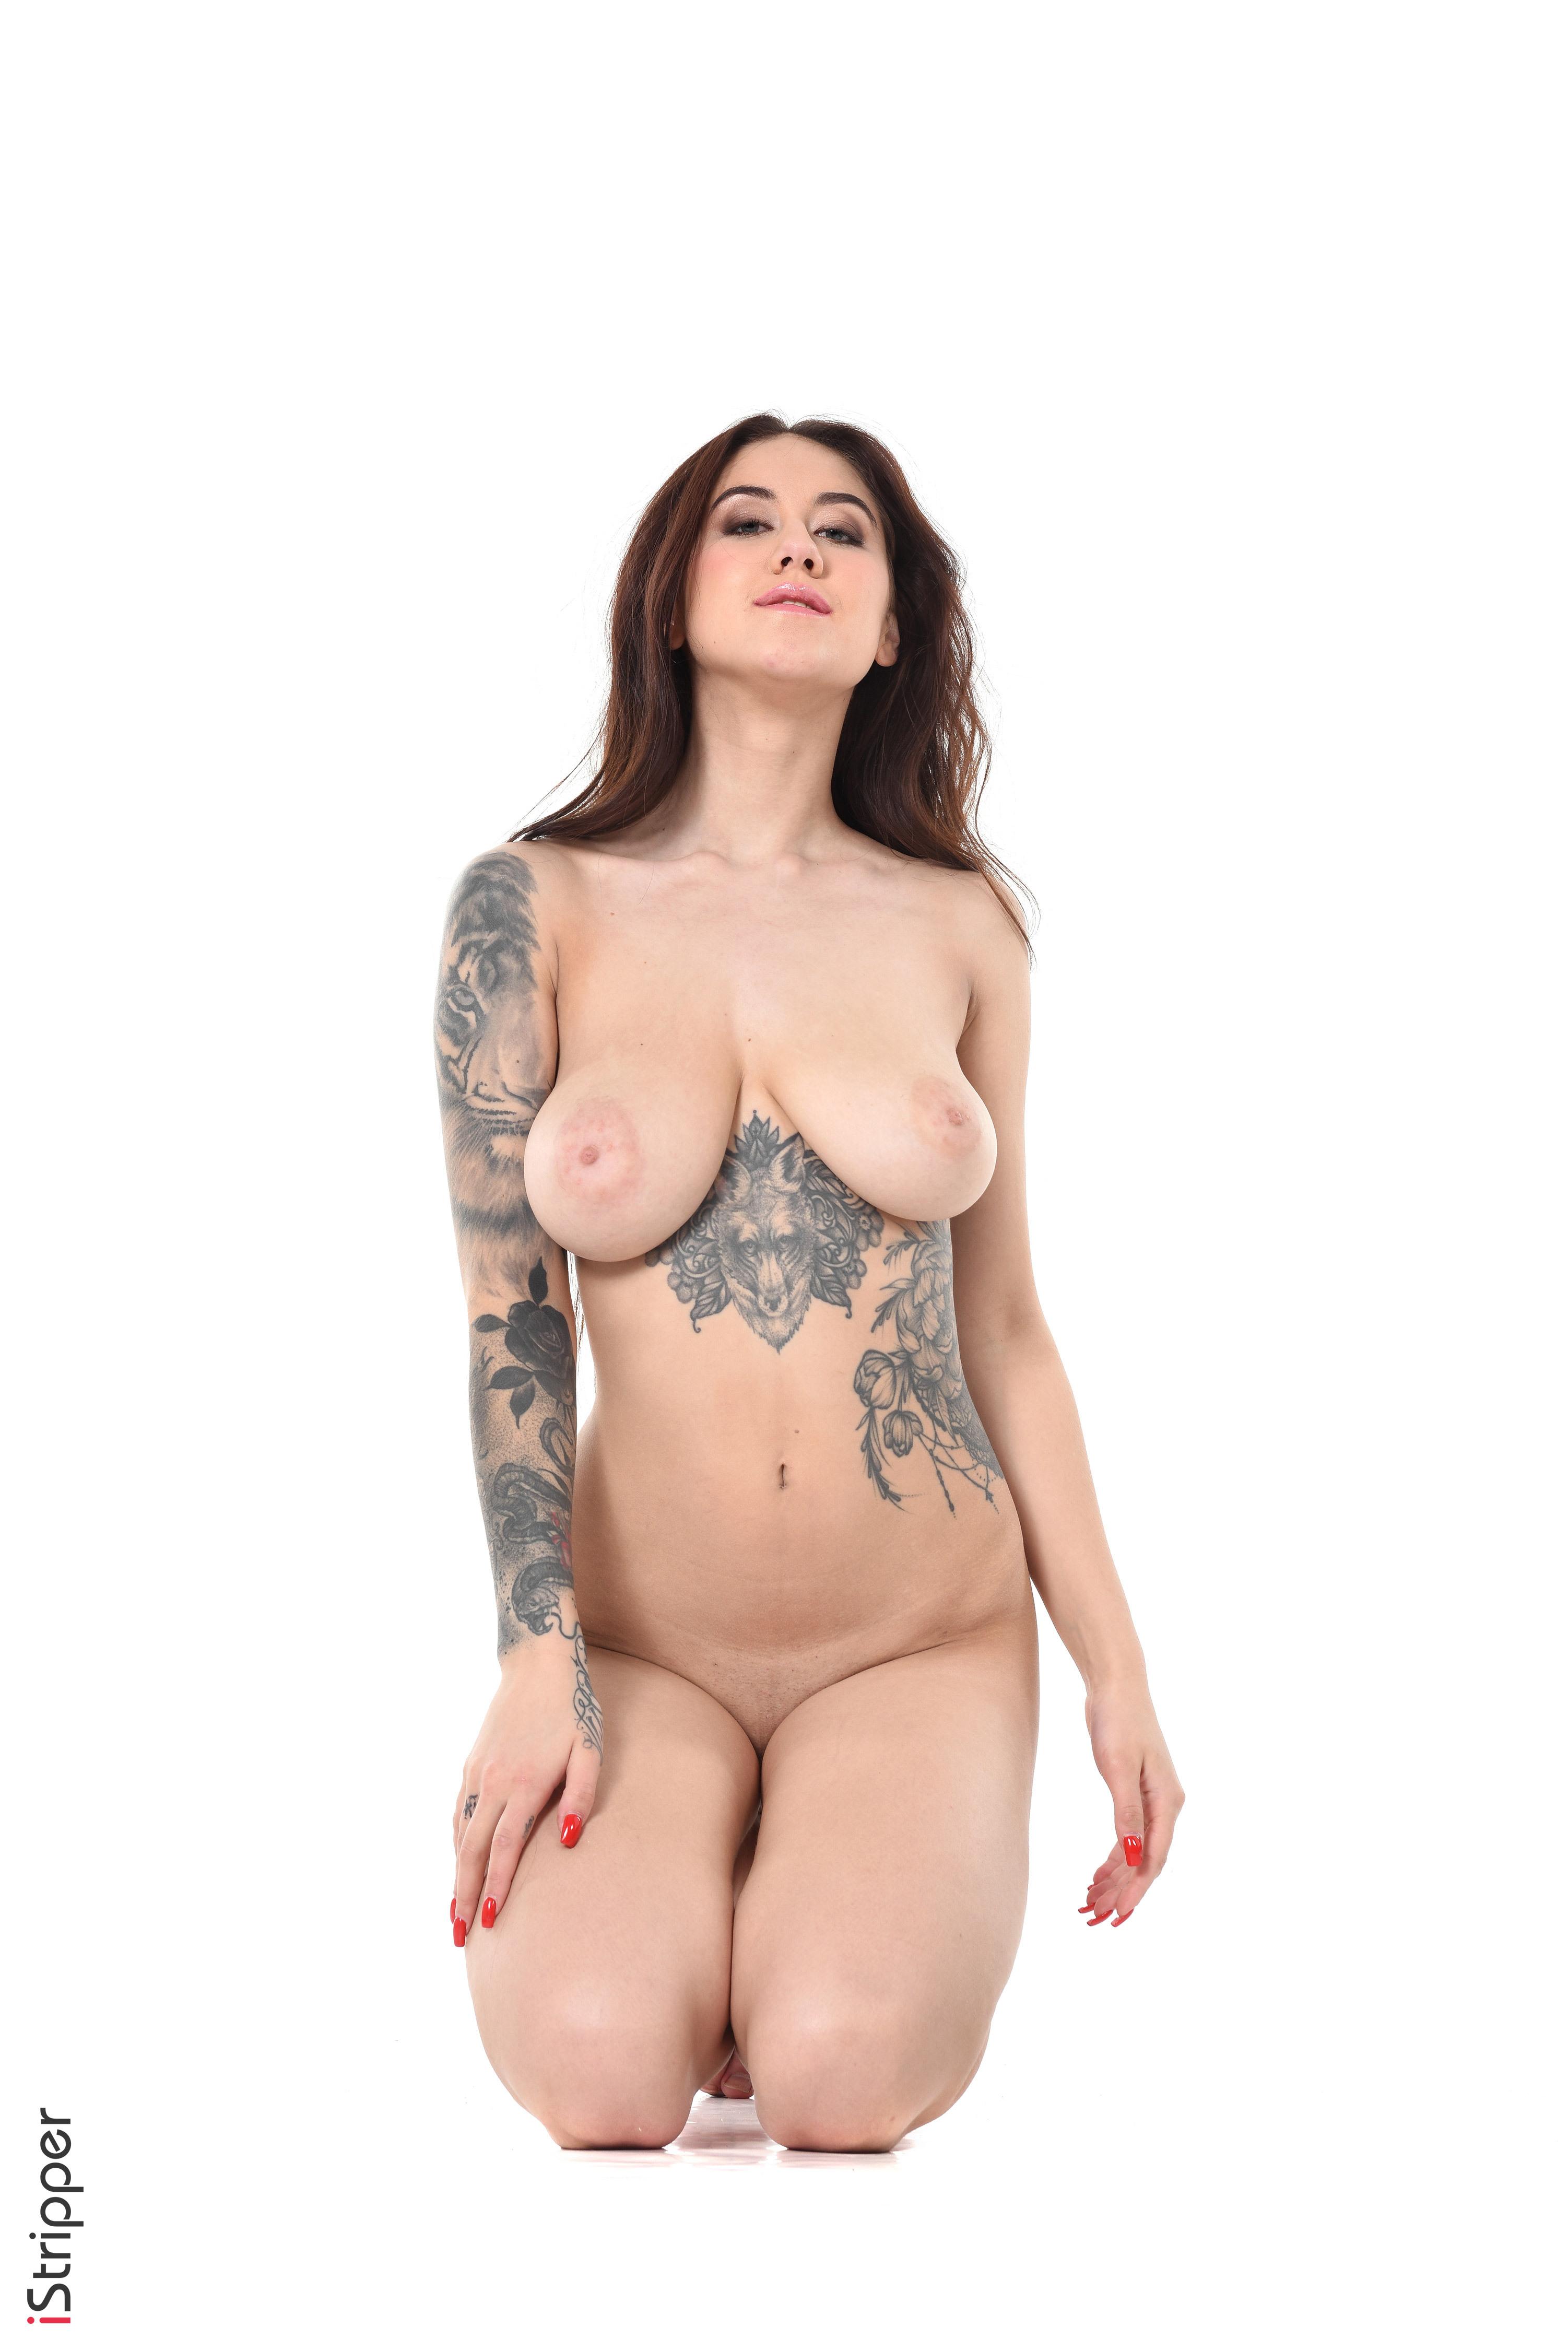 striptease in lingerie sexy women